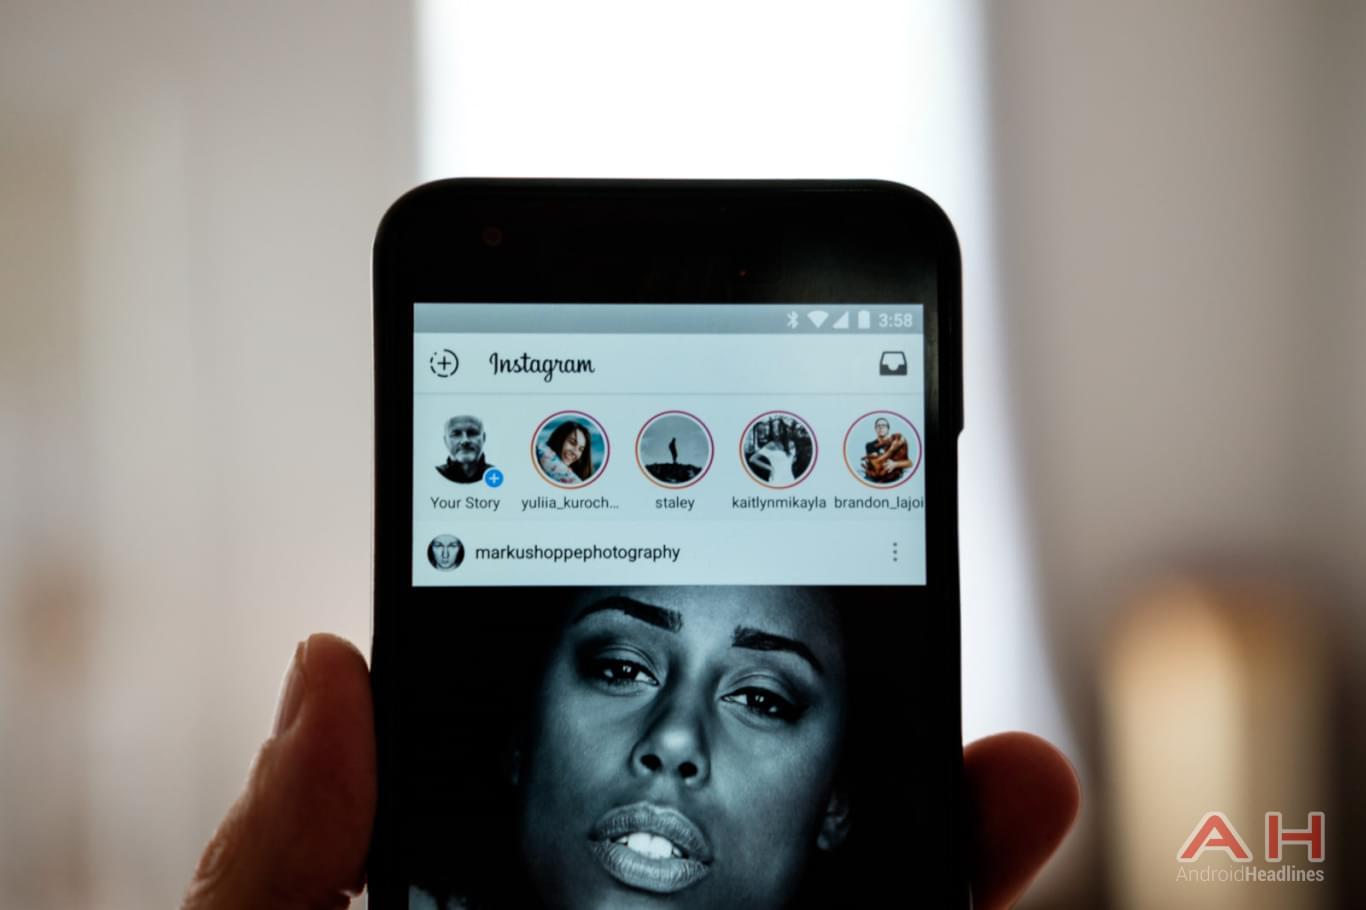 اینستاگرام در حال آزمایش اشتراک گذاری استوریها به طور مستقیم بر روی فیسبوک است